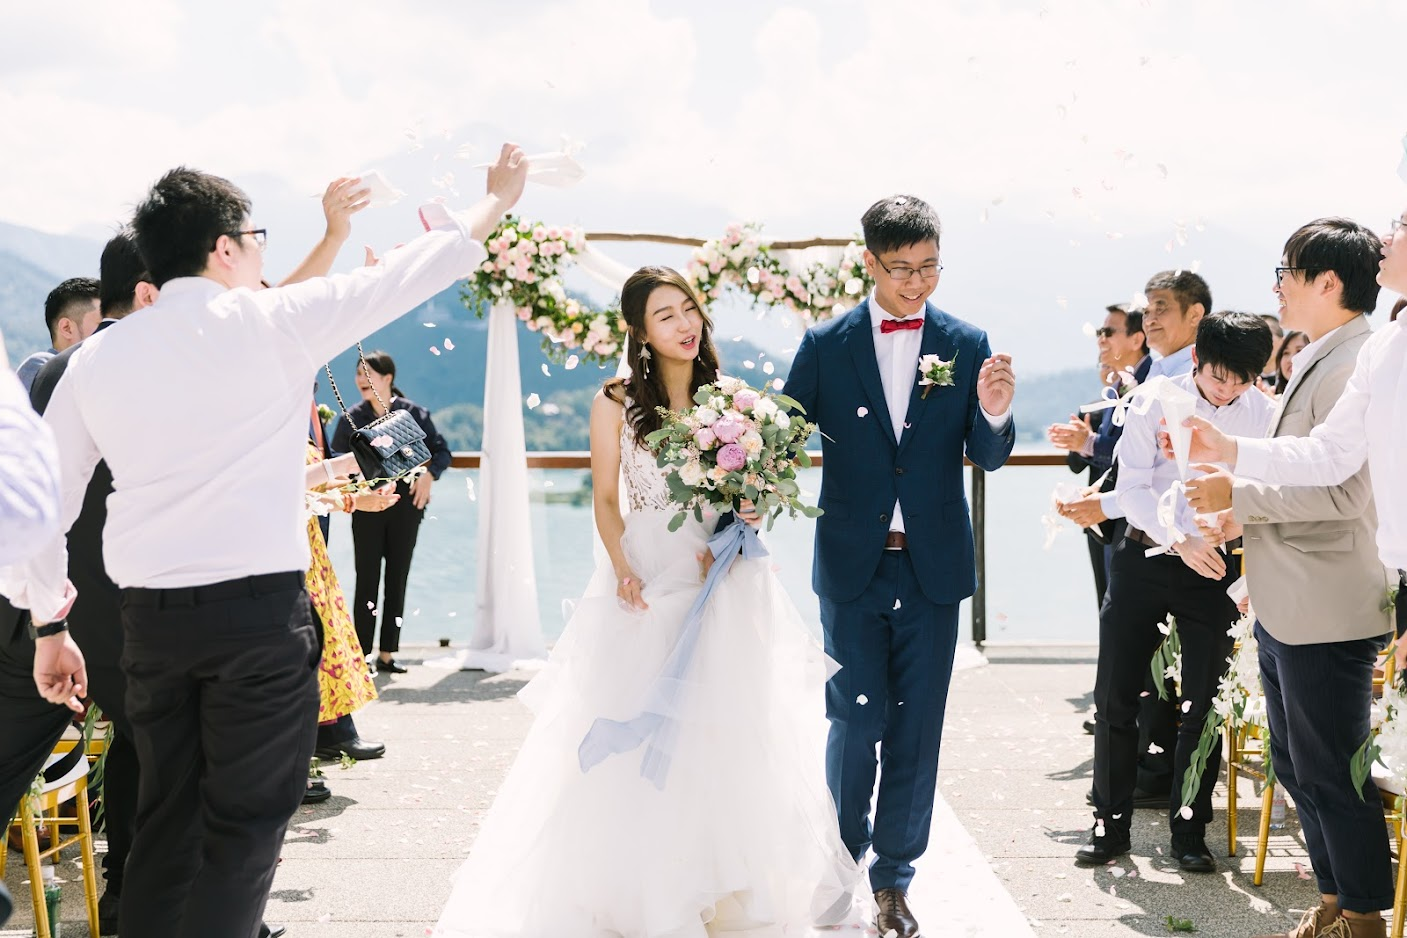 美式婚禮紀錄,涵碧樓 婚攝,涵碧樓 婚禮紀錄,日月潭 婚禮,戶外證婚,美式婚攝,台北婚攝,,台中婚攝,Amazing Grace 攝影美學,Wedding Photography